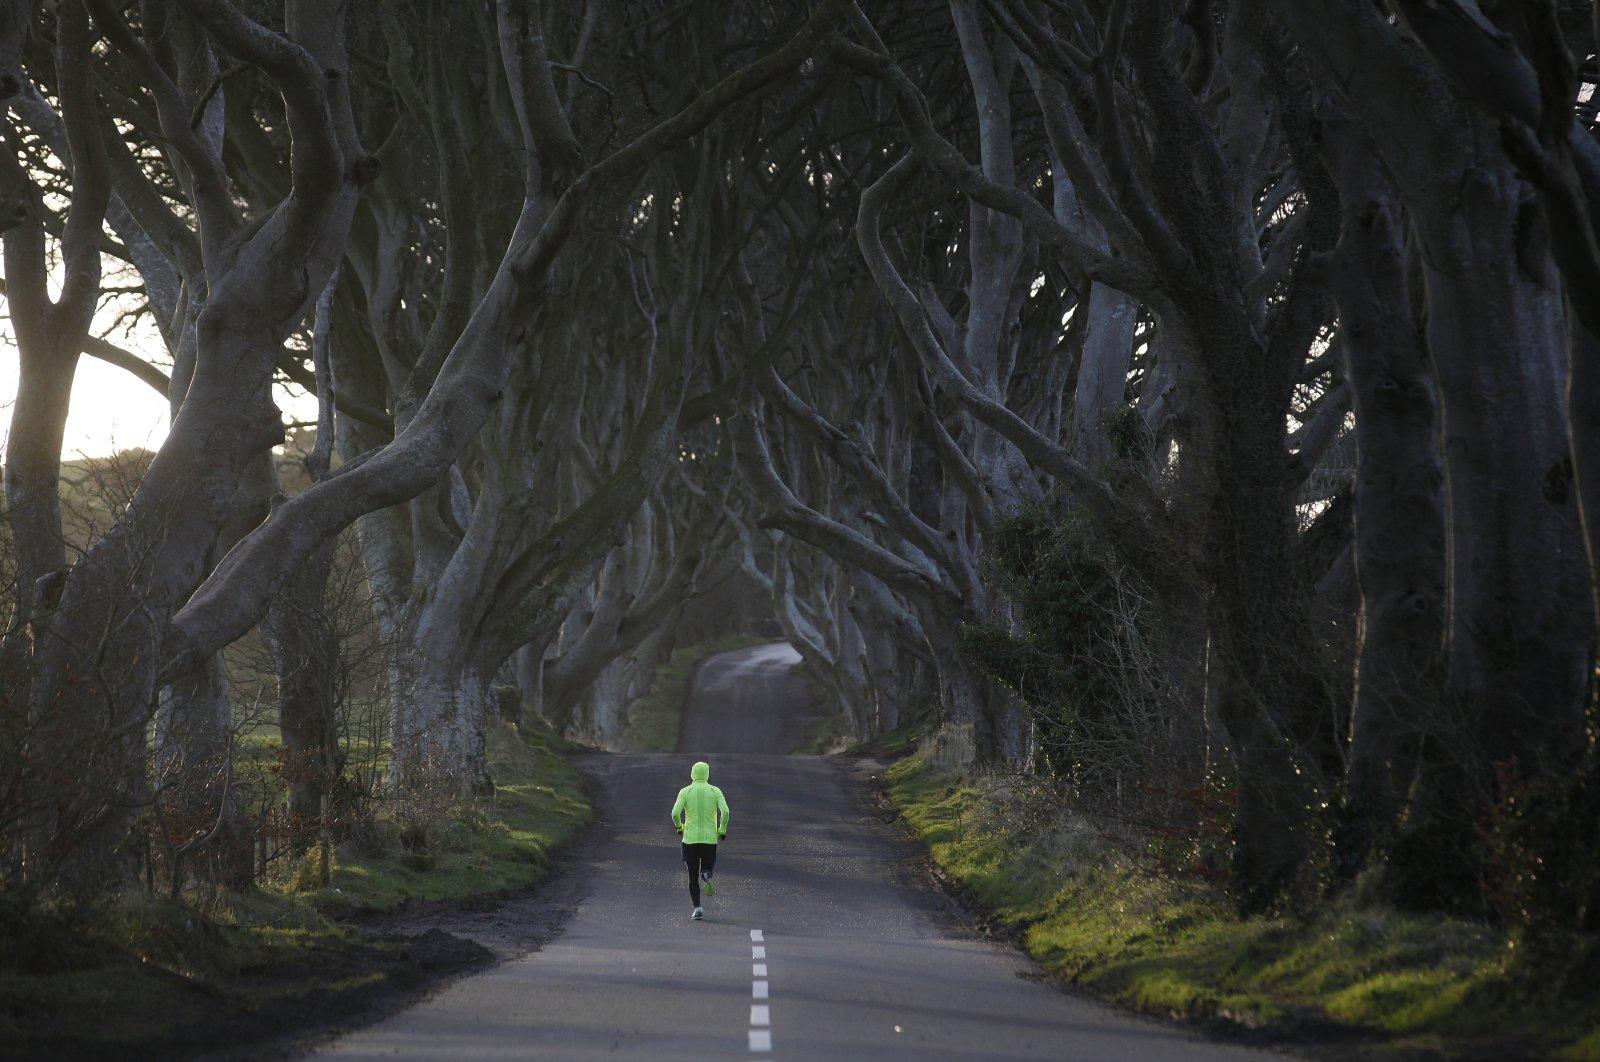 A jogger runs along Bregagh Road at Dark Hedges, Armoy, Northern Ireland, Feb. 10, 2016. (AP Photo)